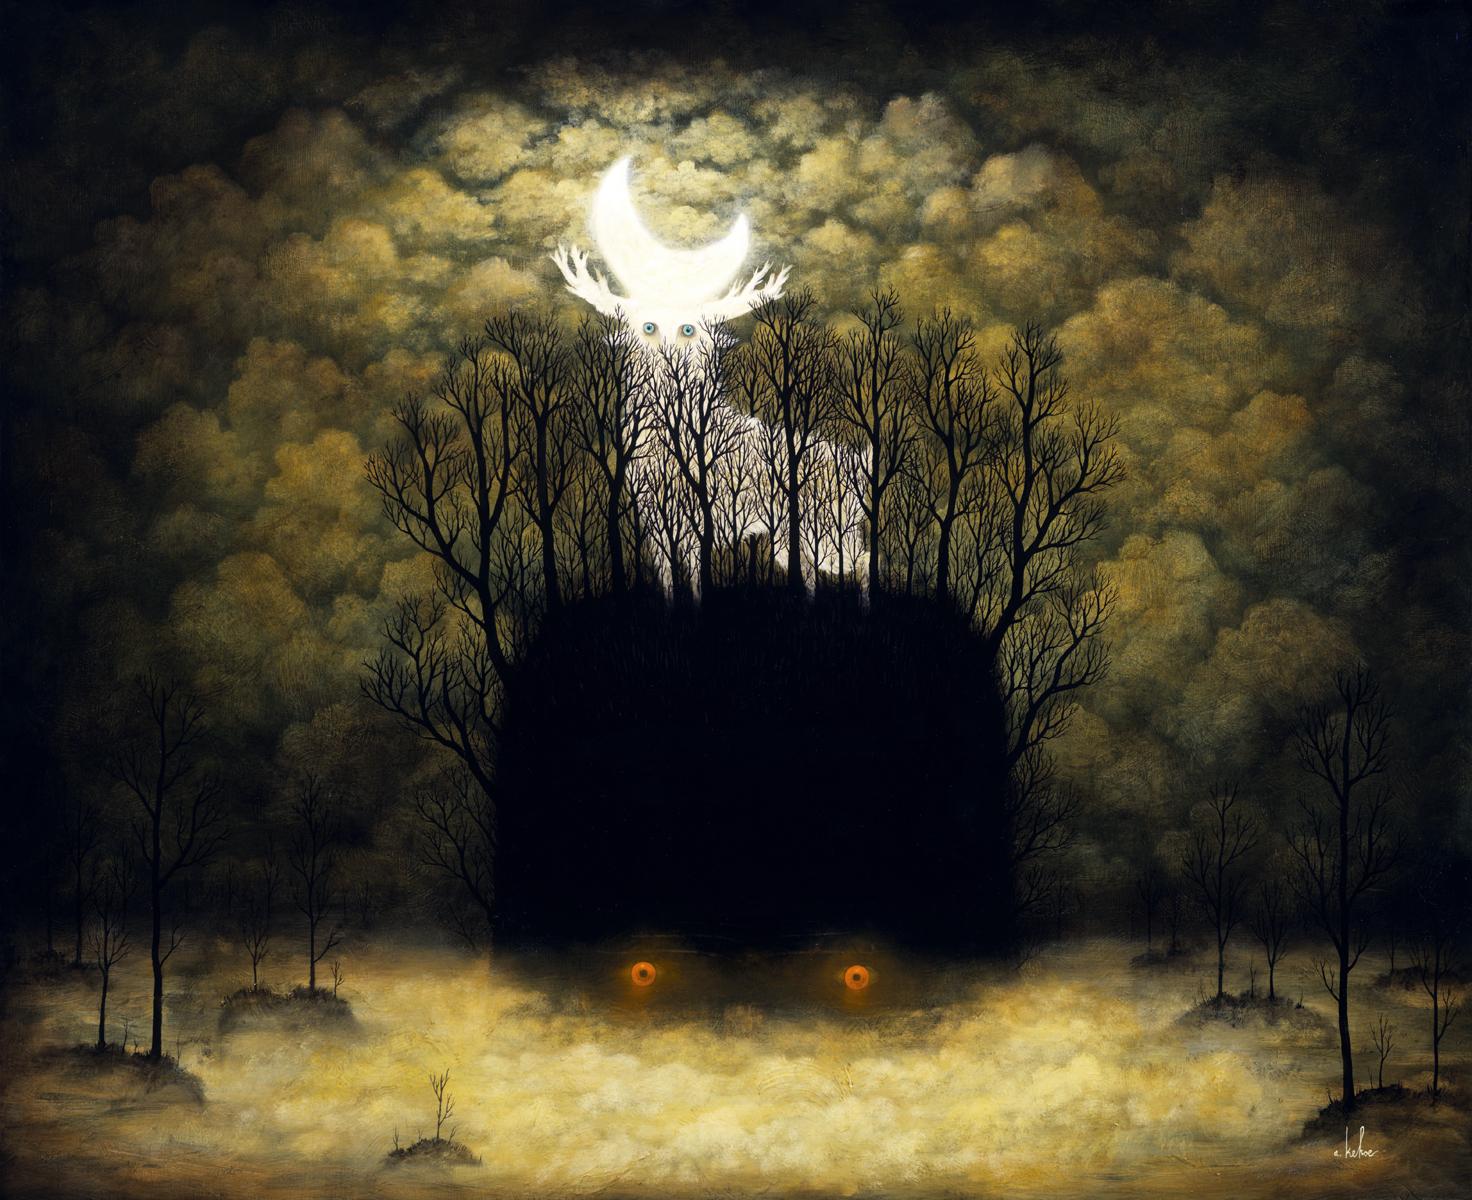 Dark-and-Light-Radiate-the-Night.jpg